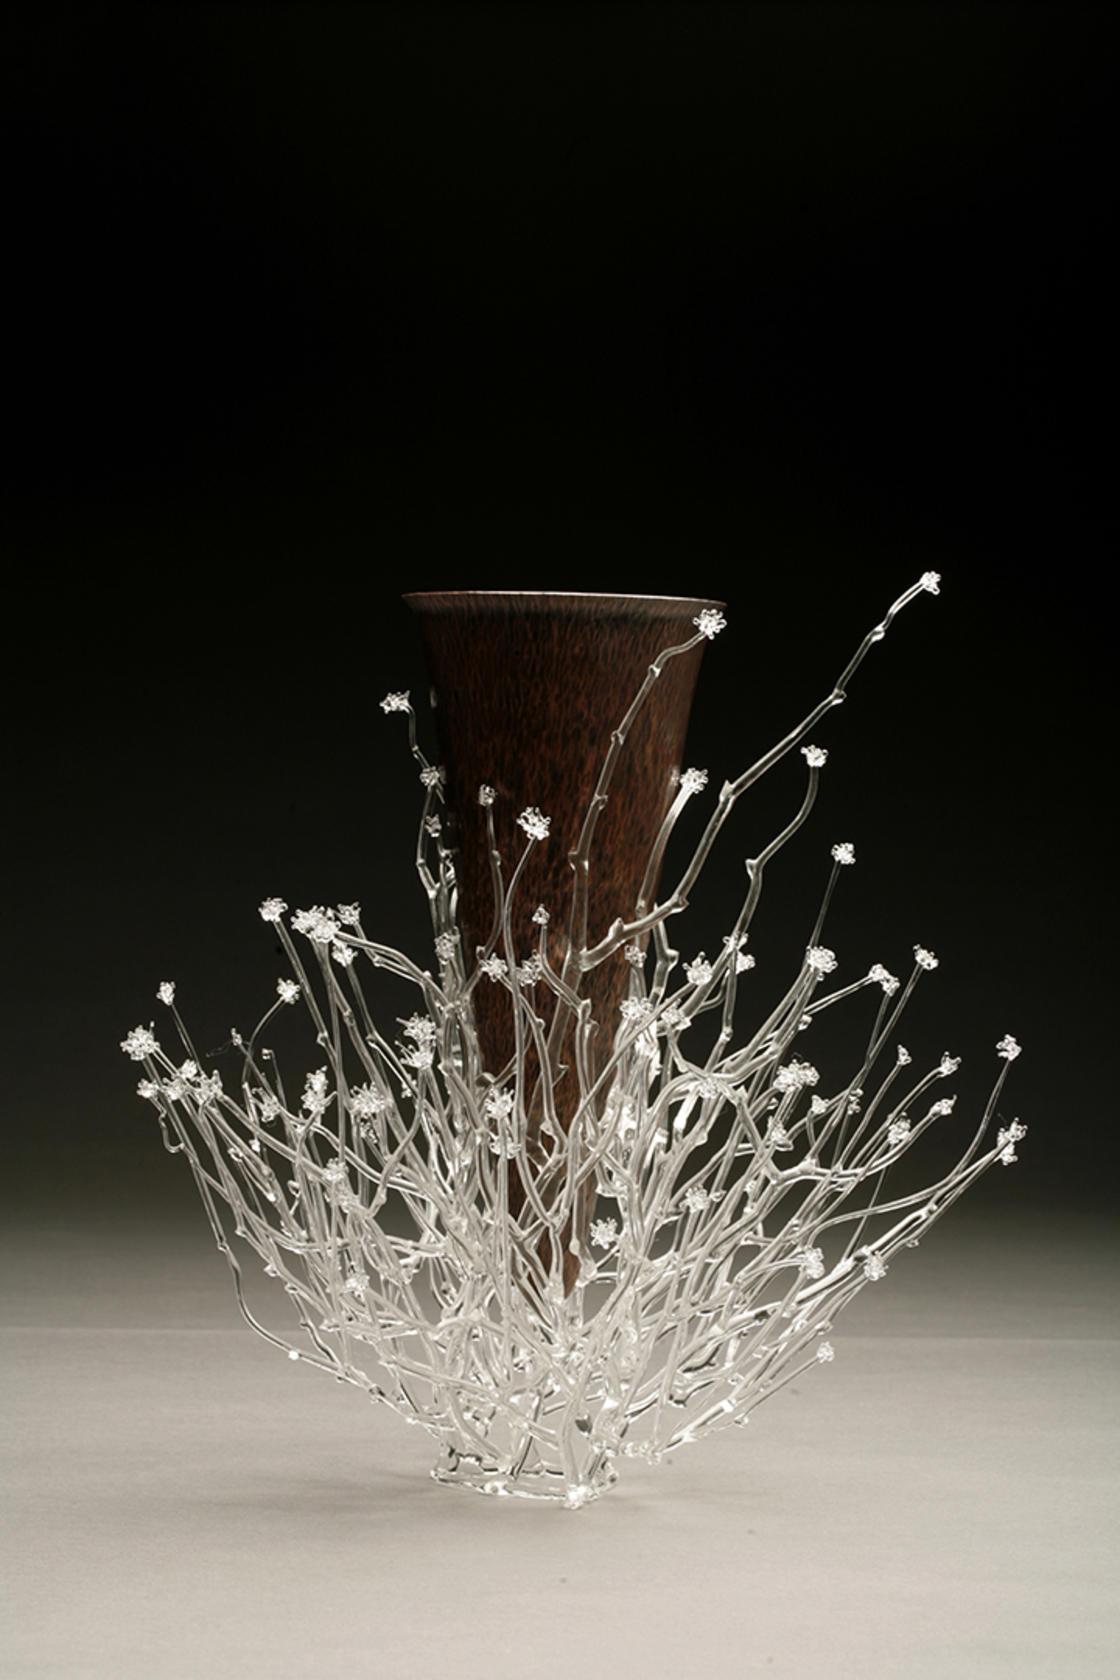 eunsuh-choi-glass-sculptures-4.jpg